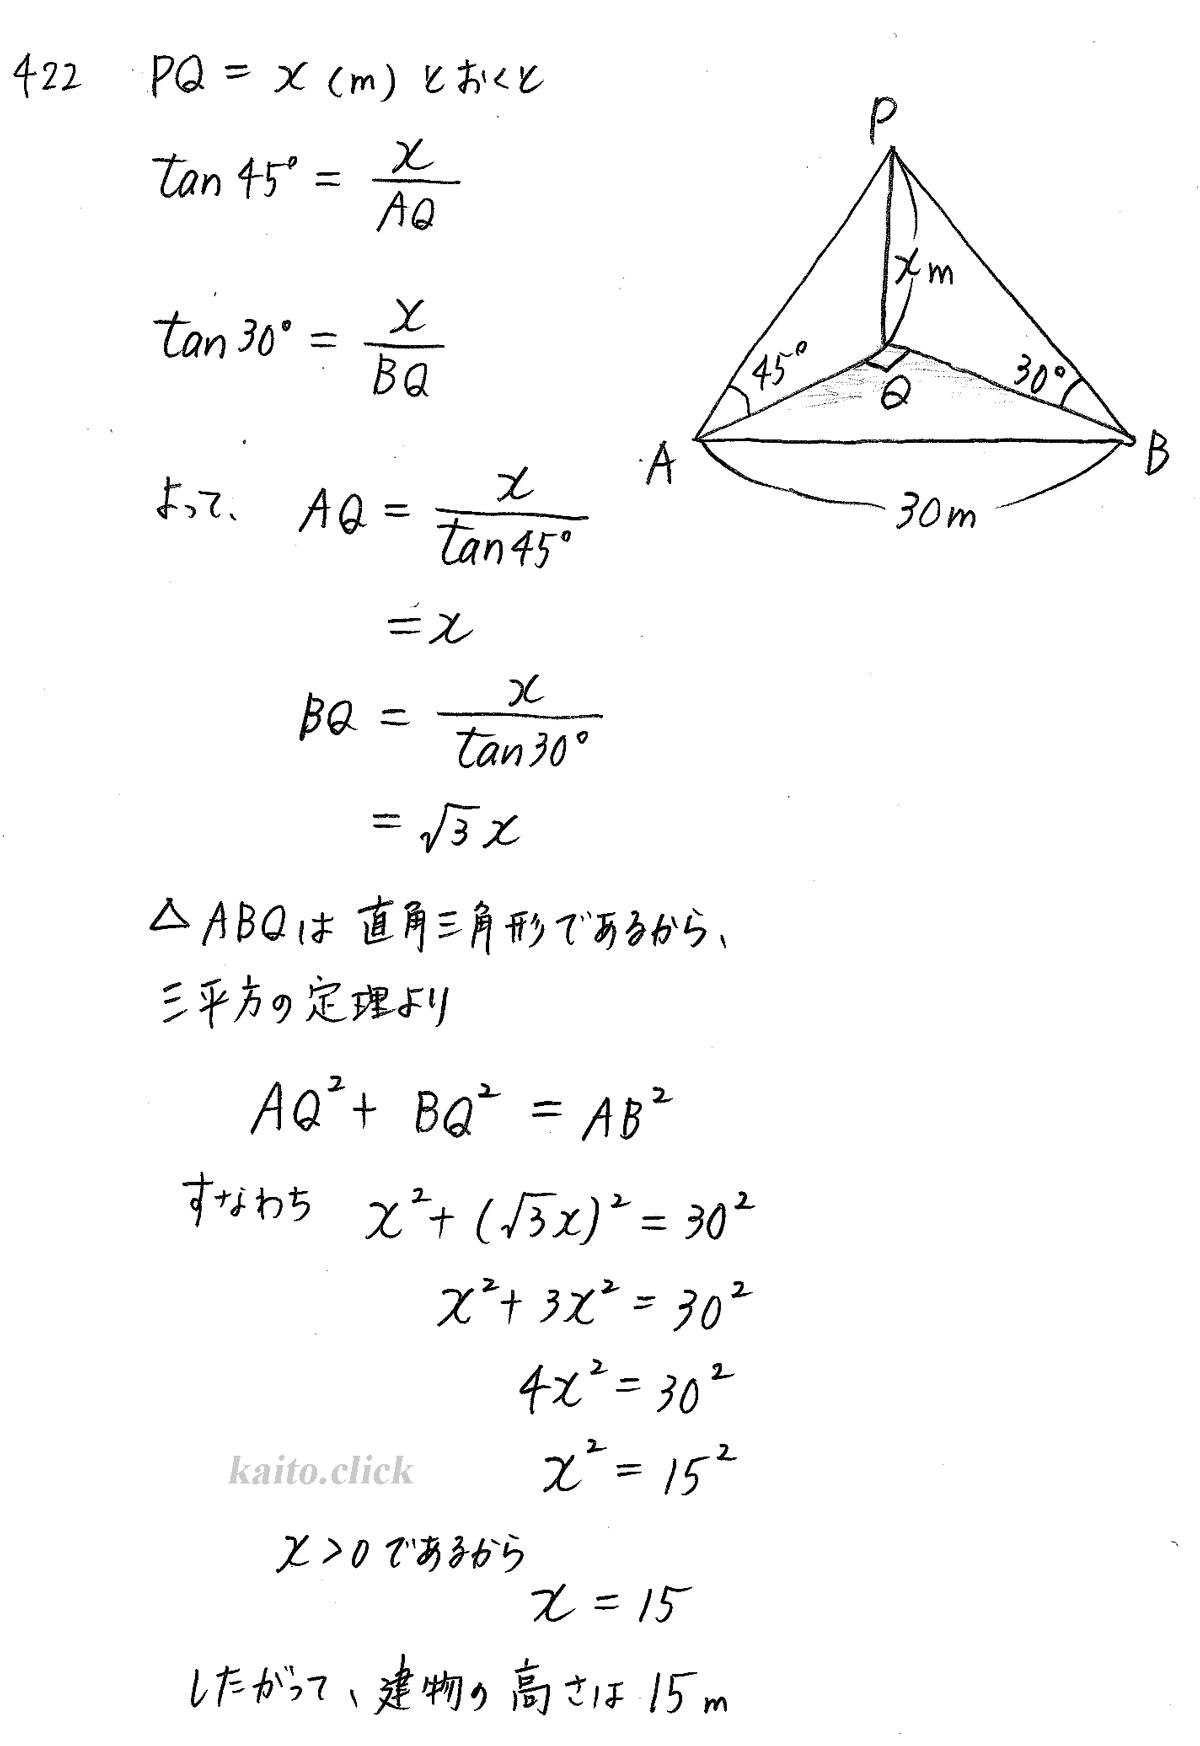 サクシード数学1-422解答